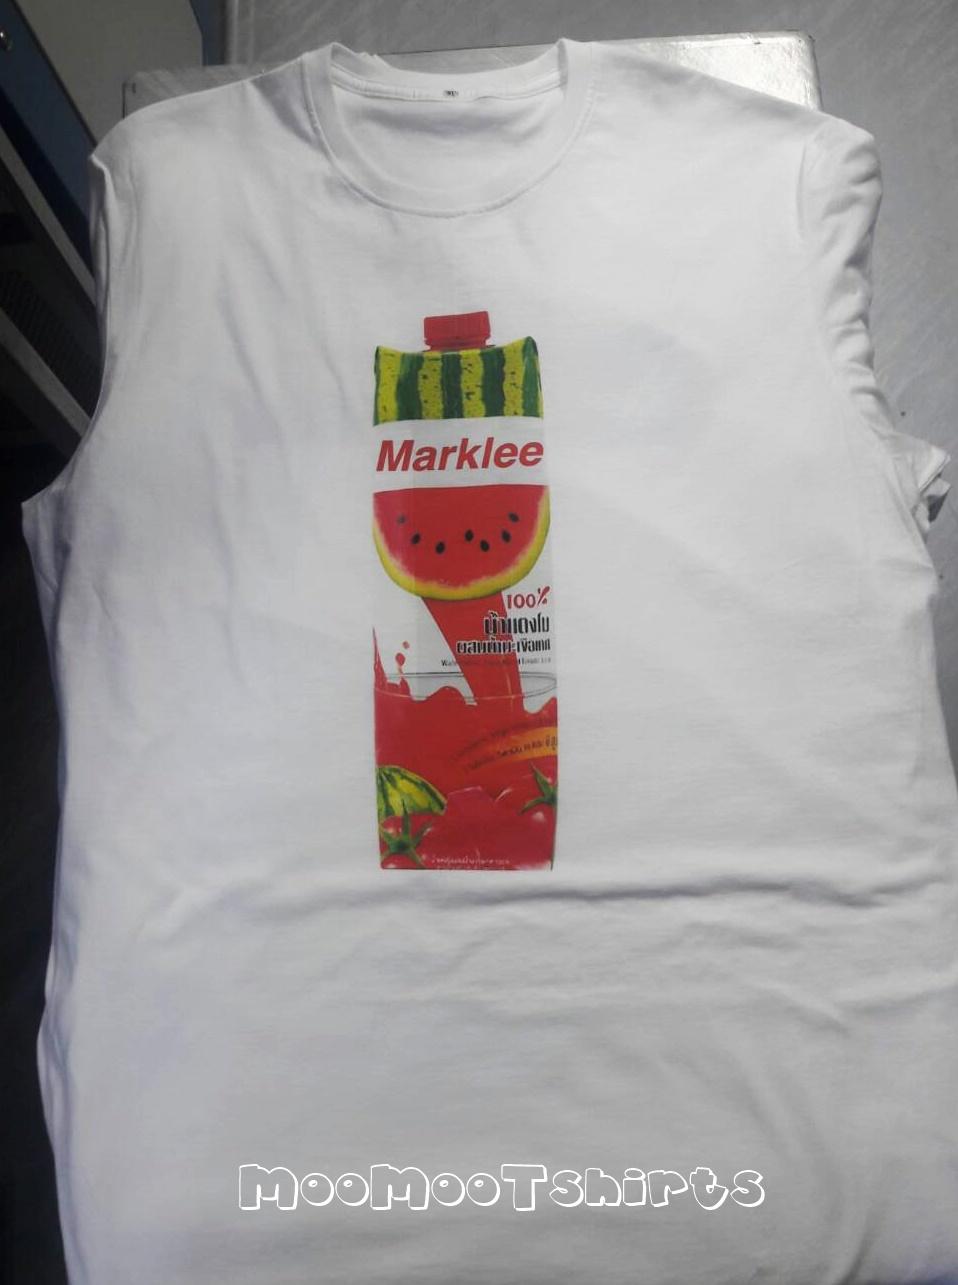 เสื้อยืดสีขาวพิมพ์หน้าลายขวดน้ำผลไม้ ลายน่ารักๆ สีสันสดใส ไม่มีขั้นต่ำในการสั่งทำ สกรีนเสื้อ DTG ราคาถูกงานพิมพ์มีคุณภาพดี